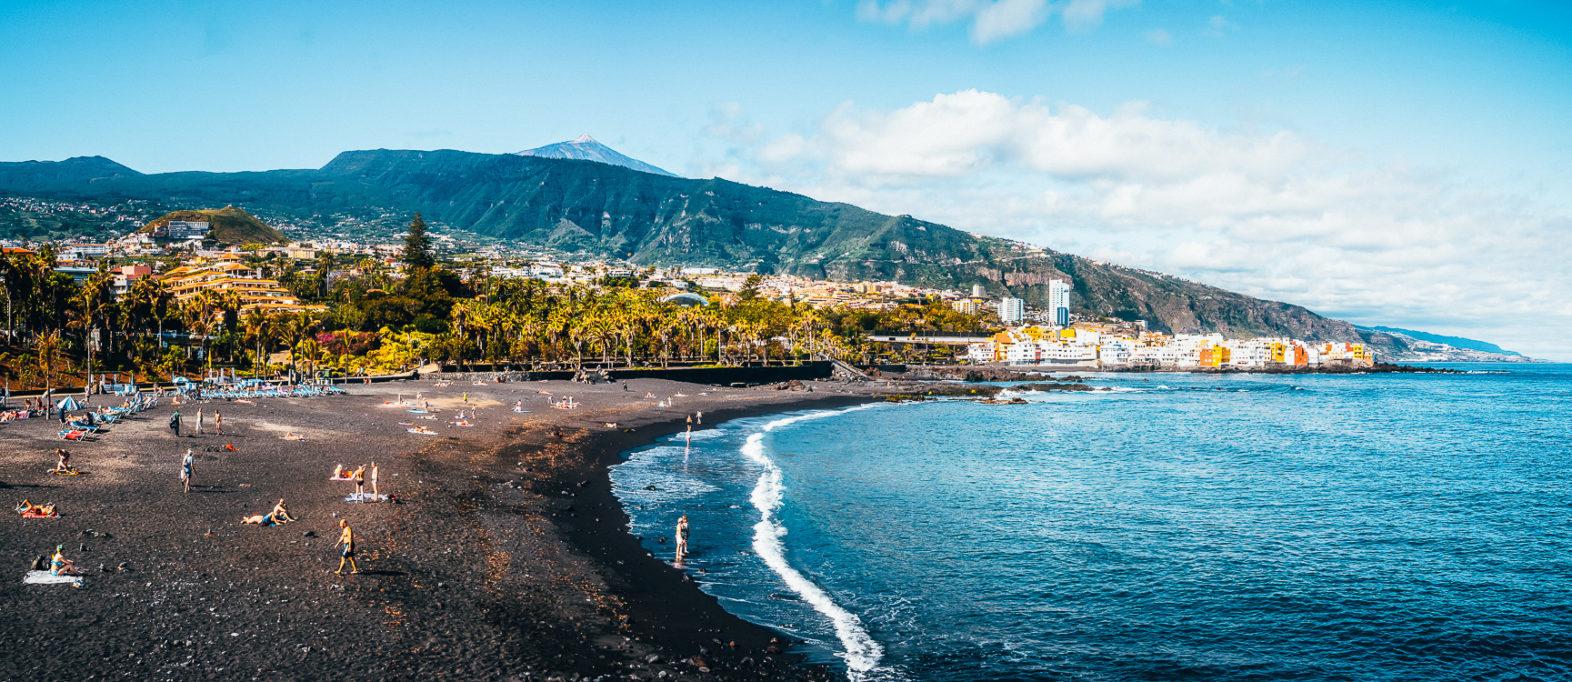 Teneriffa Sehenswürdigkeiten: Meine Highlights der größten kanarischen Insel